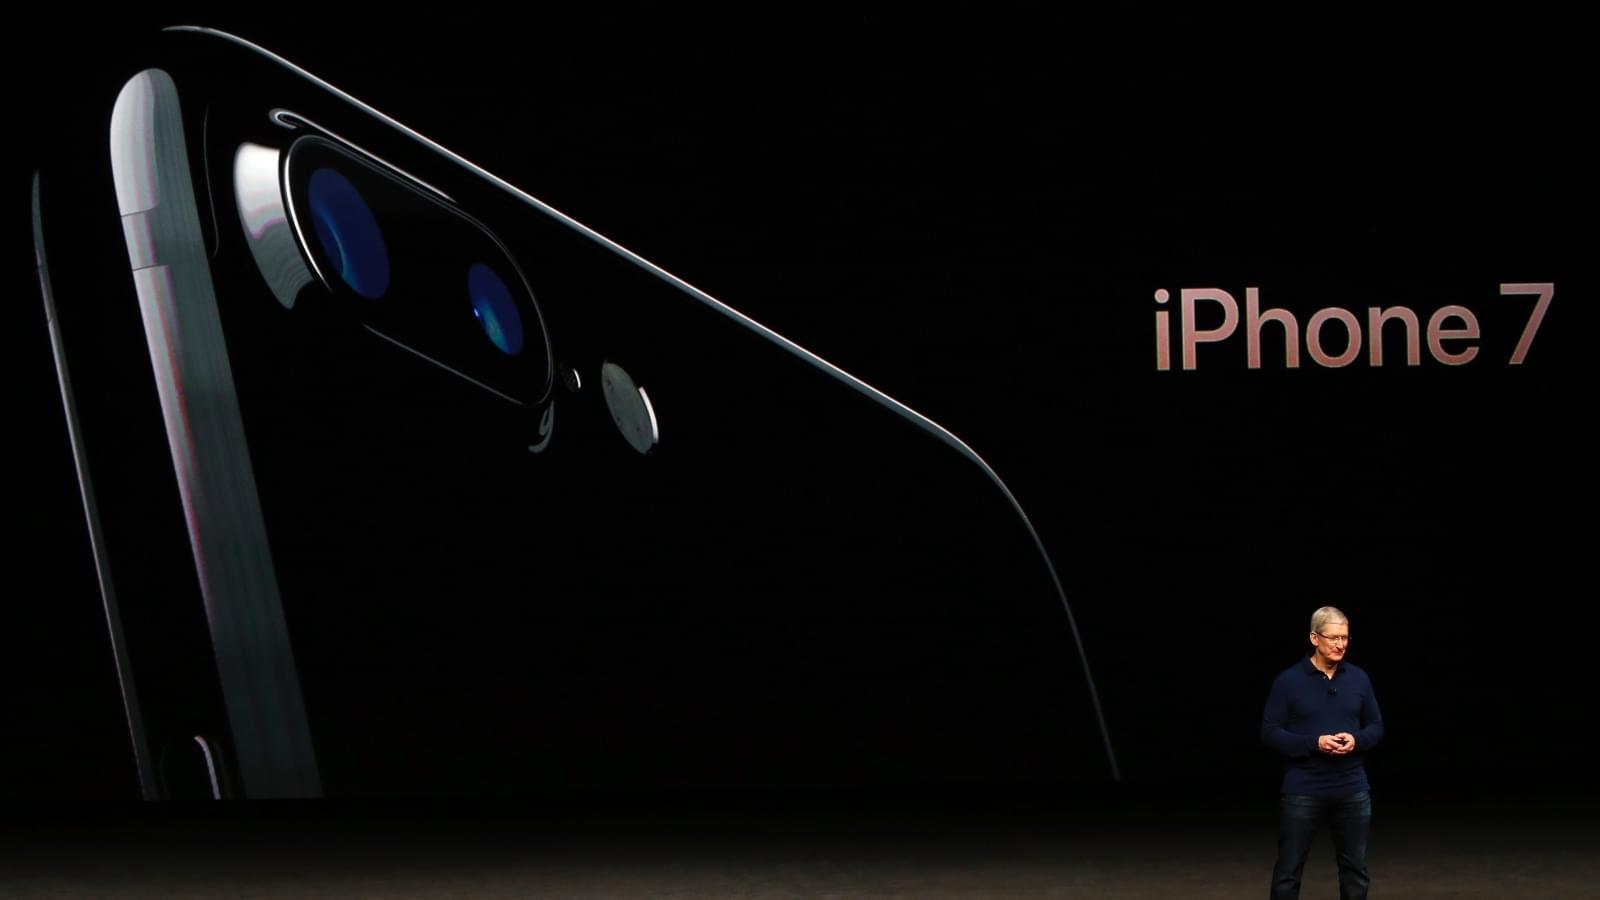 外媒称苹果仍乏味无趣:外观没新意 无惊喜环节的照片